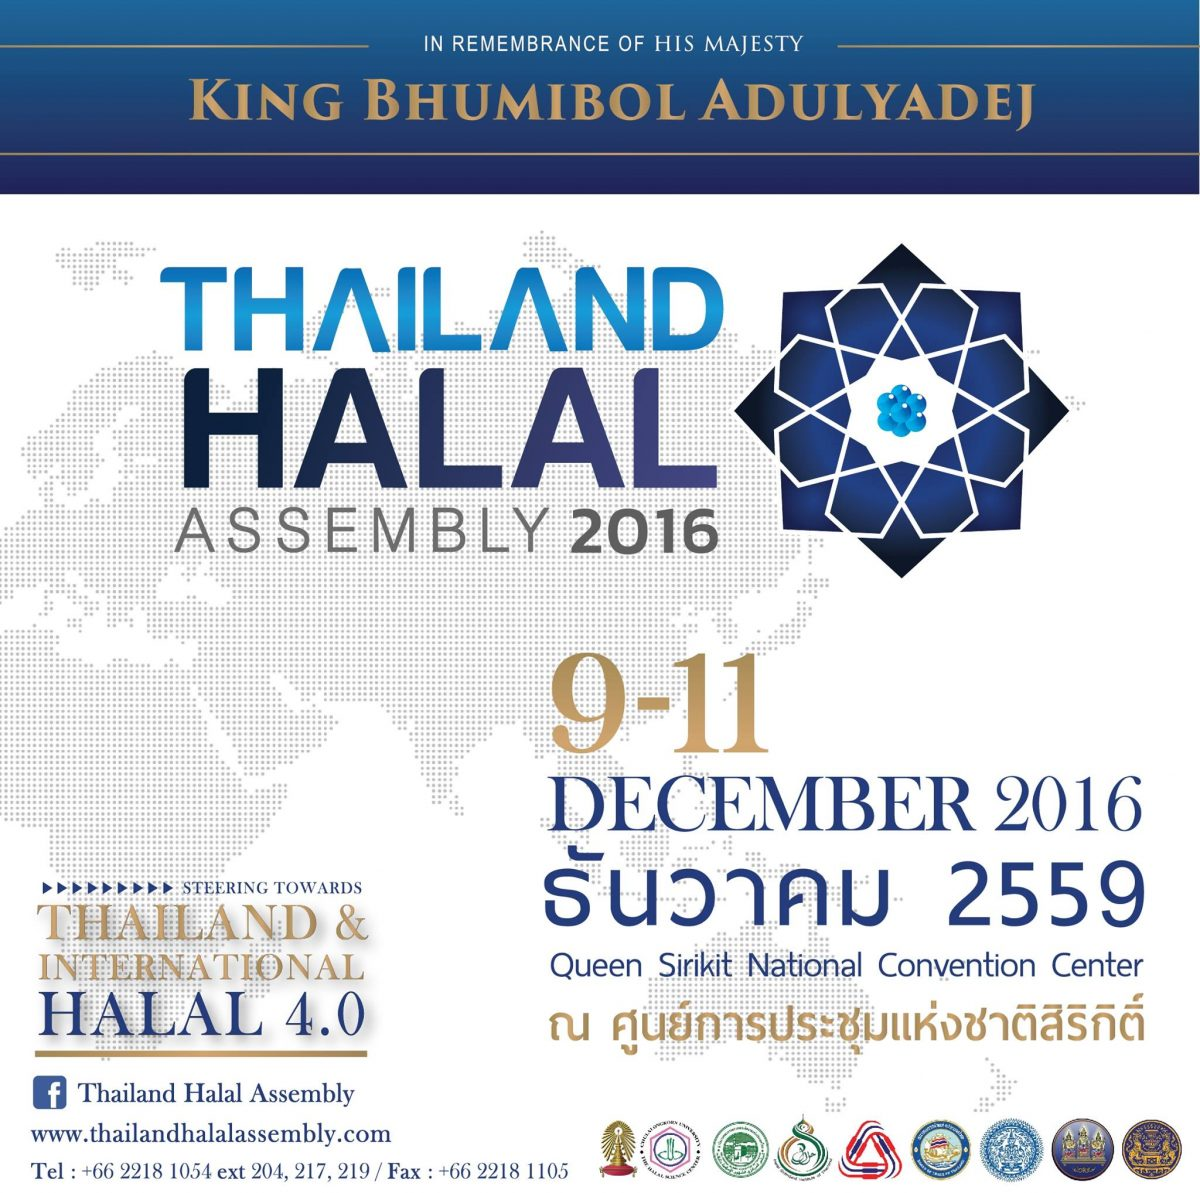 """ชวนทุกคน ไปเดินงาน """"Thailand Halal Assembly 2016"""" 9 – 11 ธันวาคมนี้ ณ ศูนย์การประชุมแห่งชาติสิริกิติ์"""